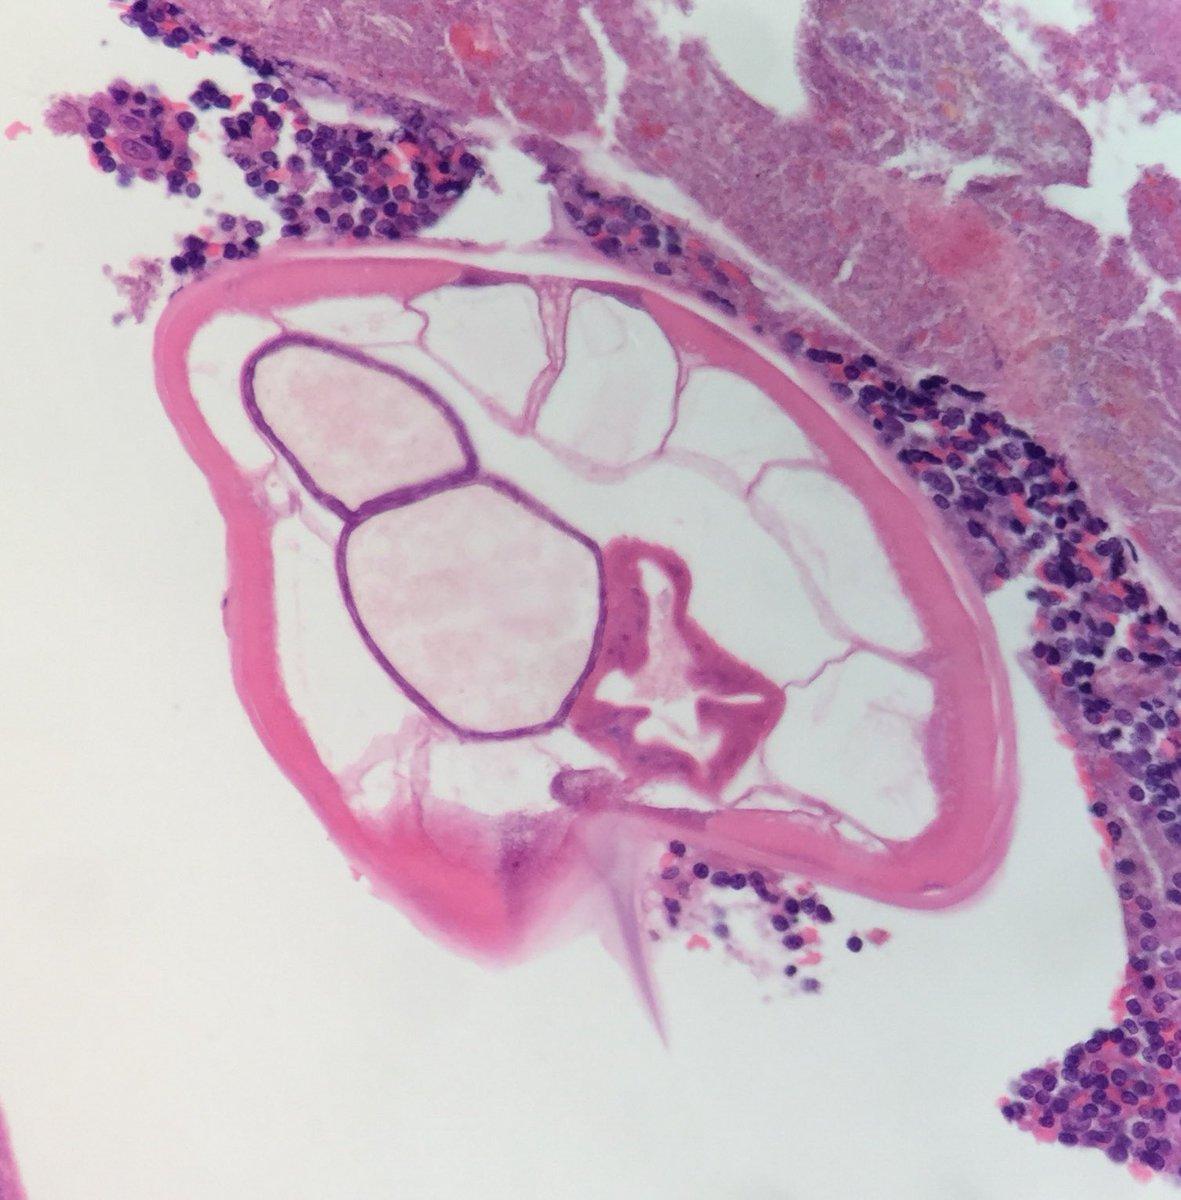 enterobius vermicularis histopathology